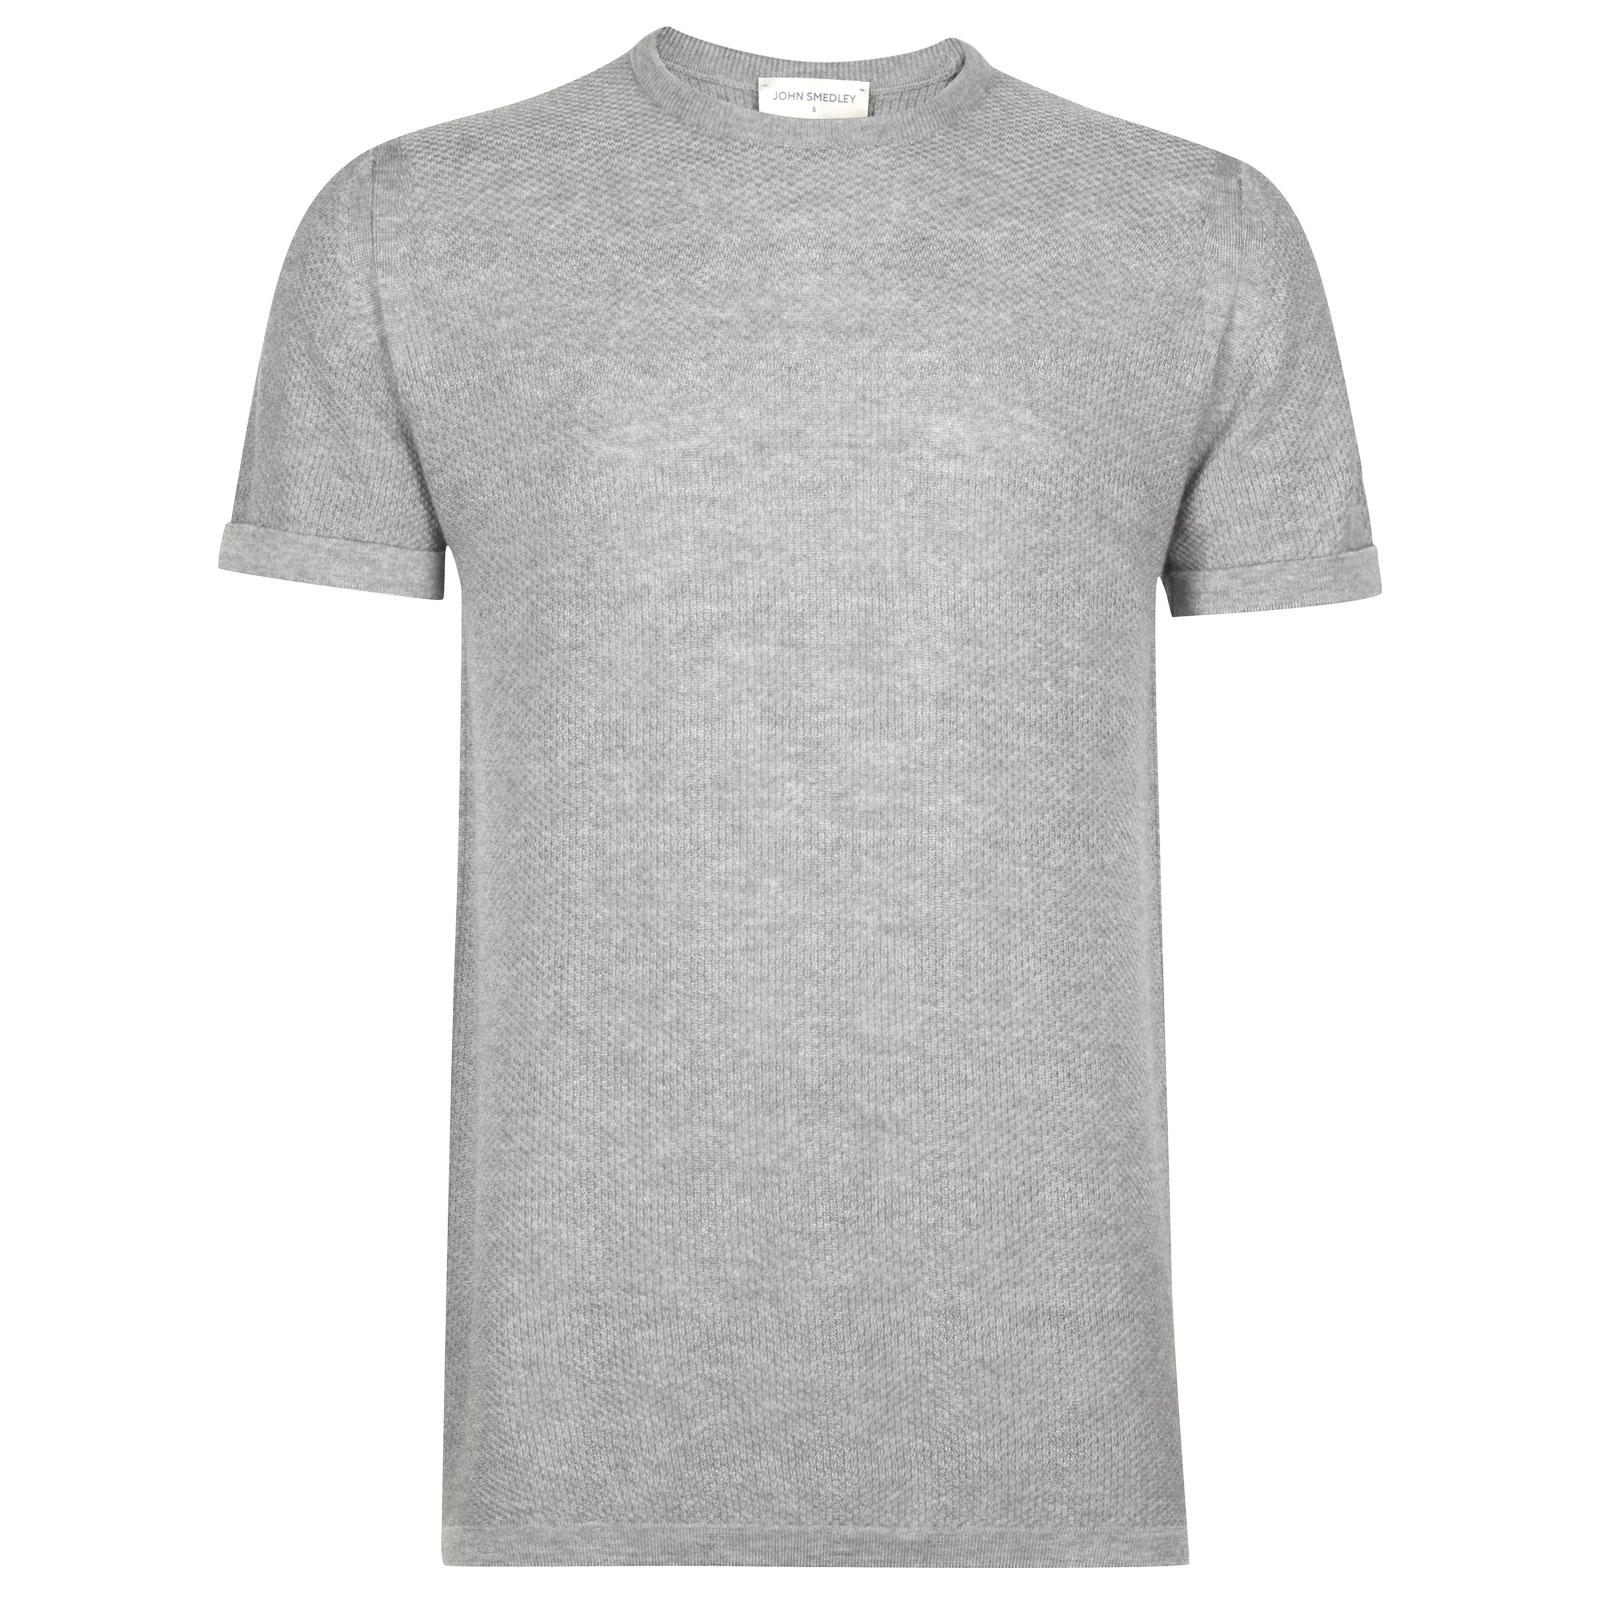 John Smedley 2Singular Merino Wool T-Shirt in Bardot Grey-M